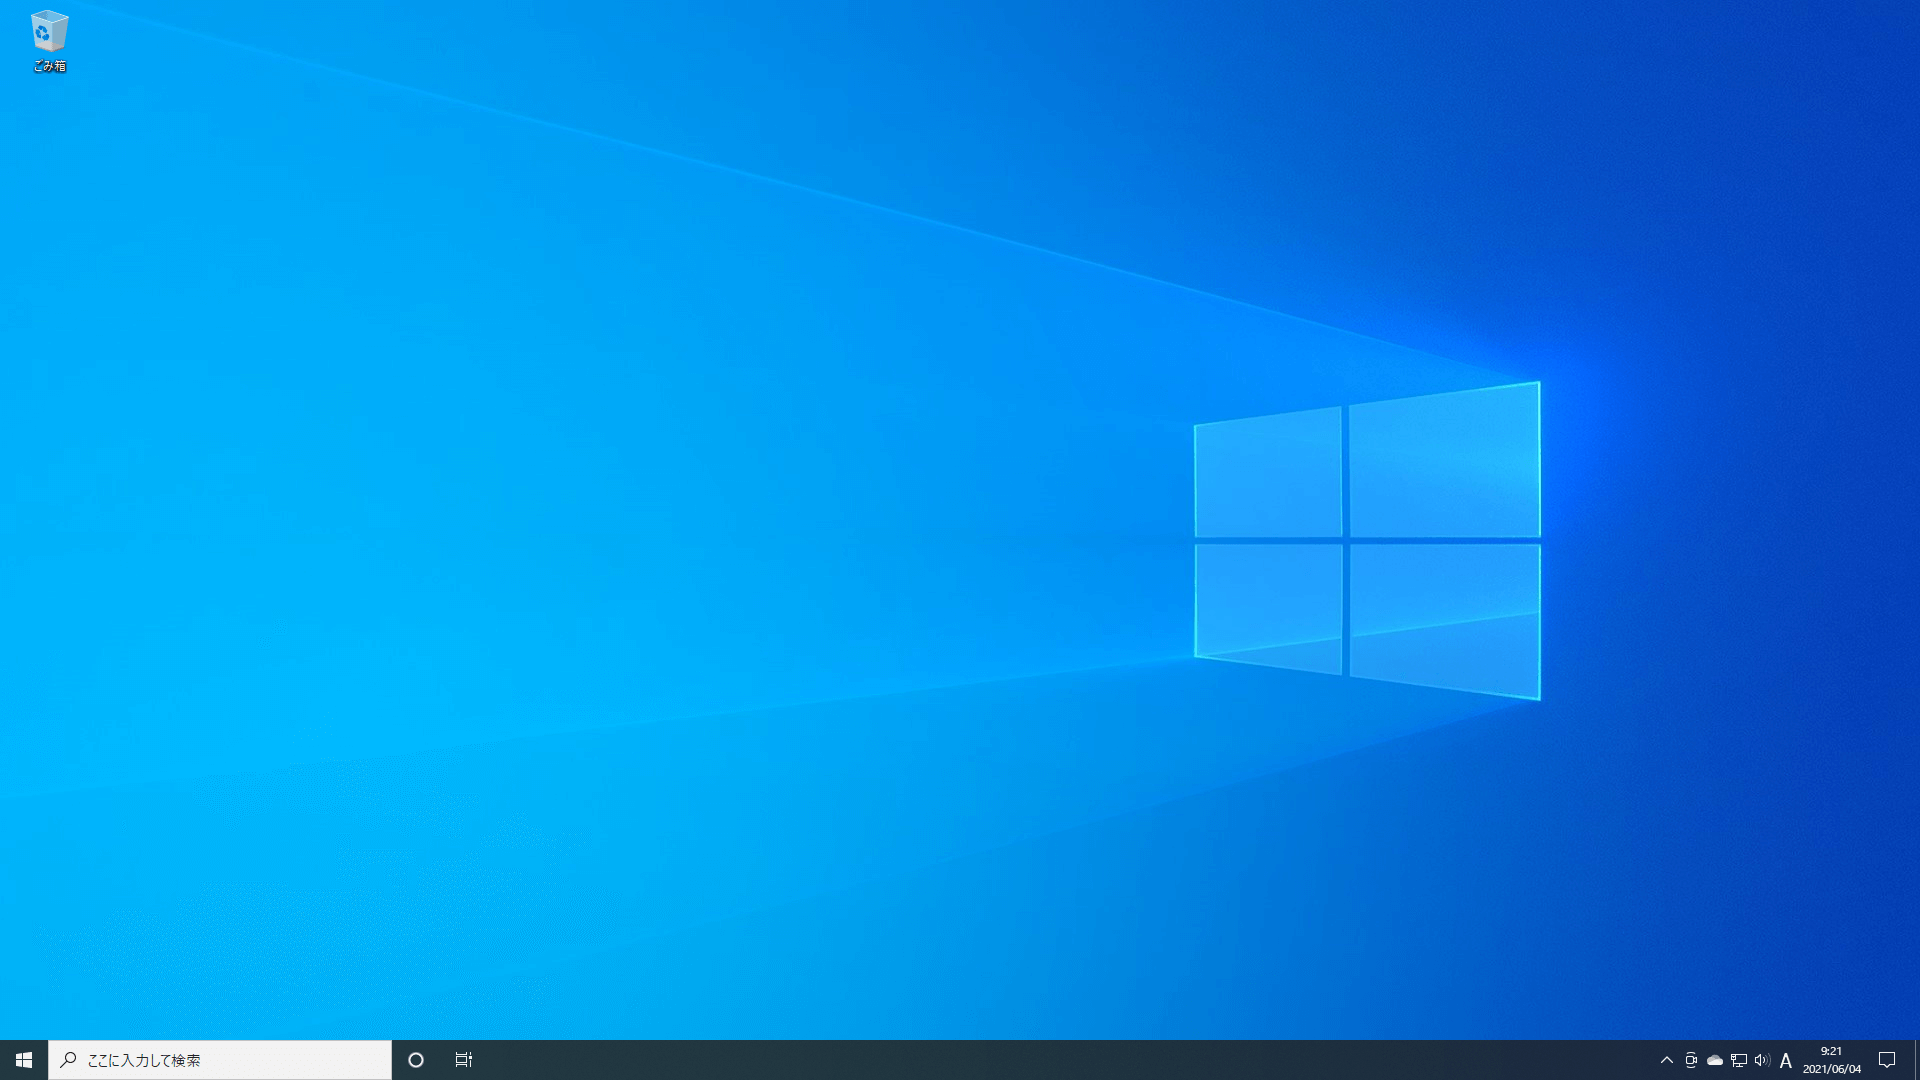 FHDのデスクトップ